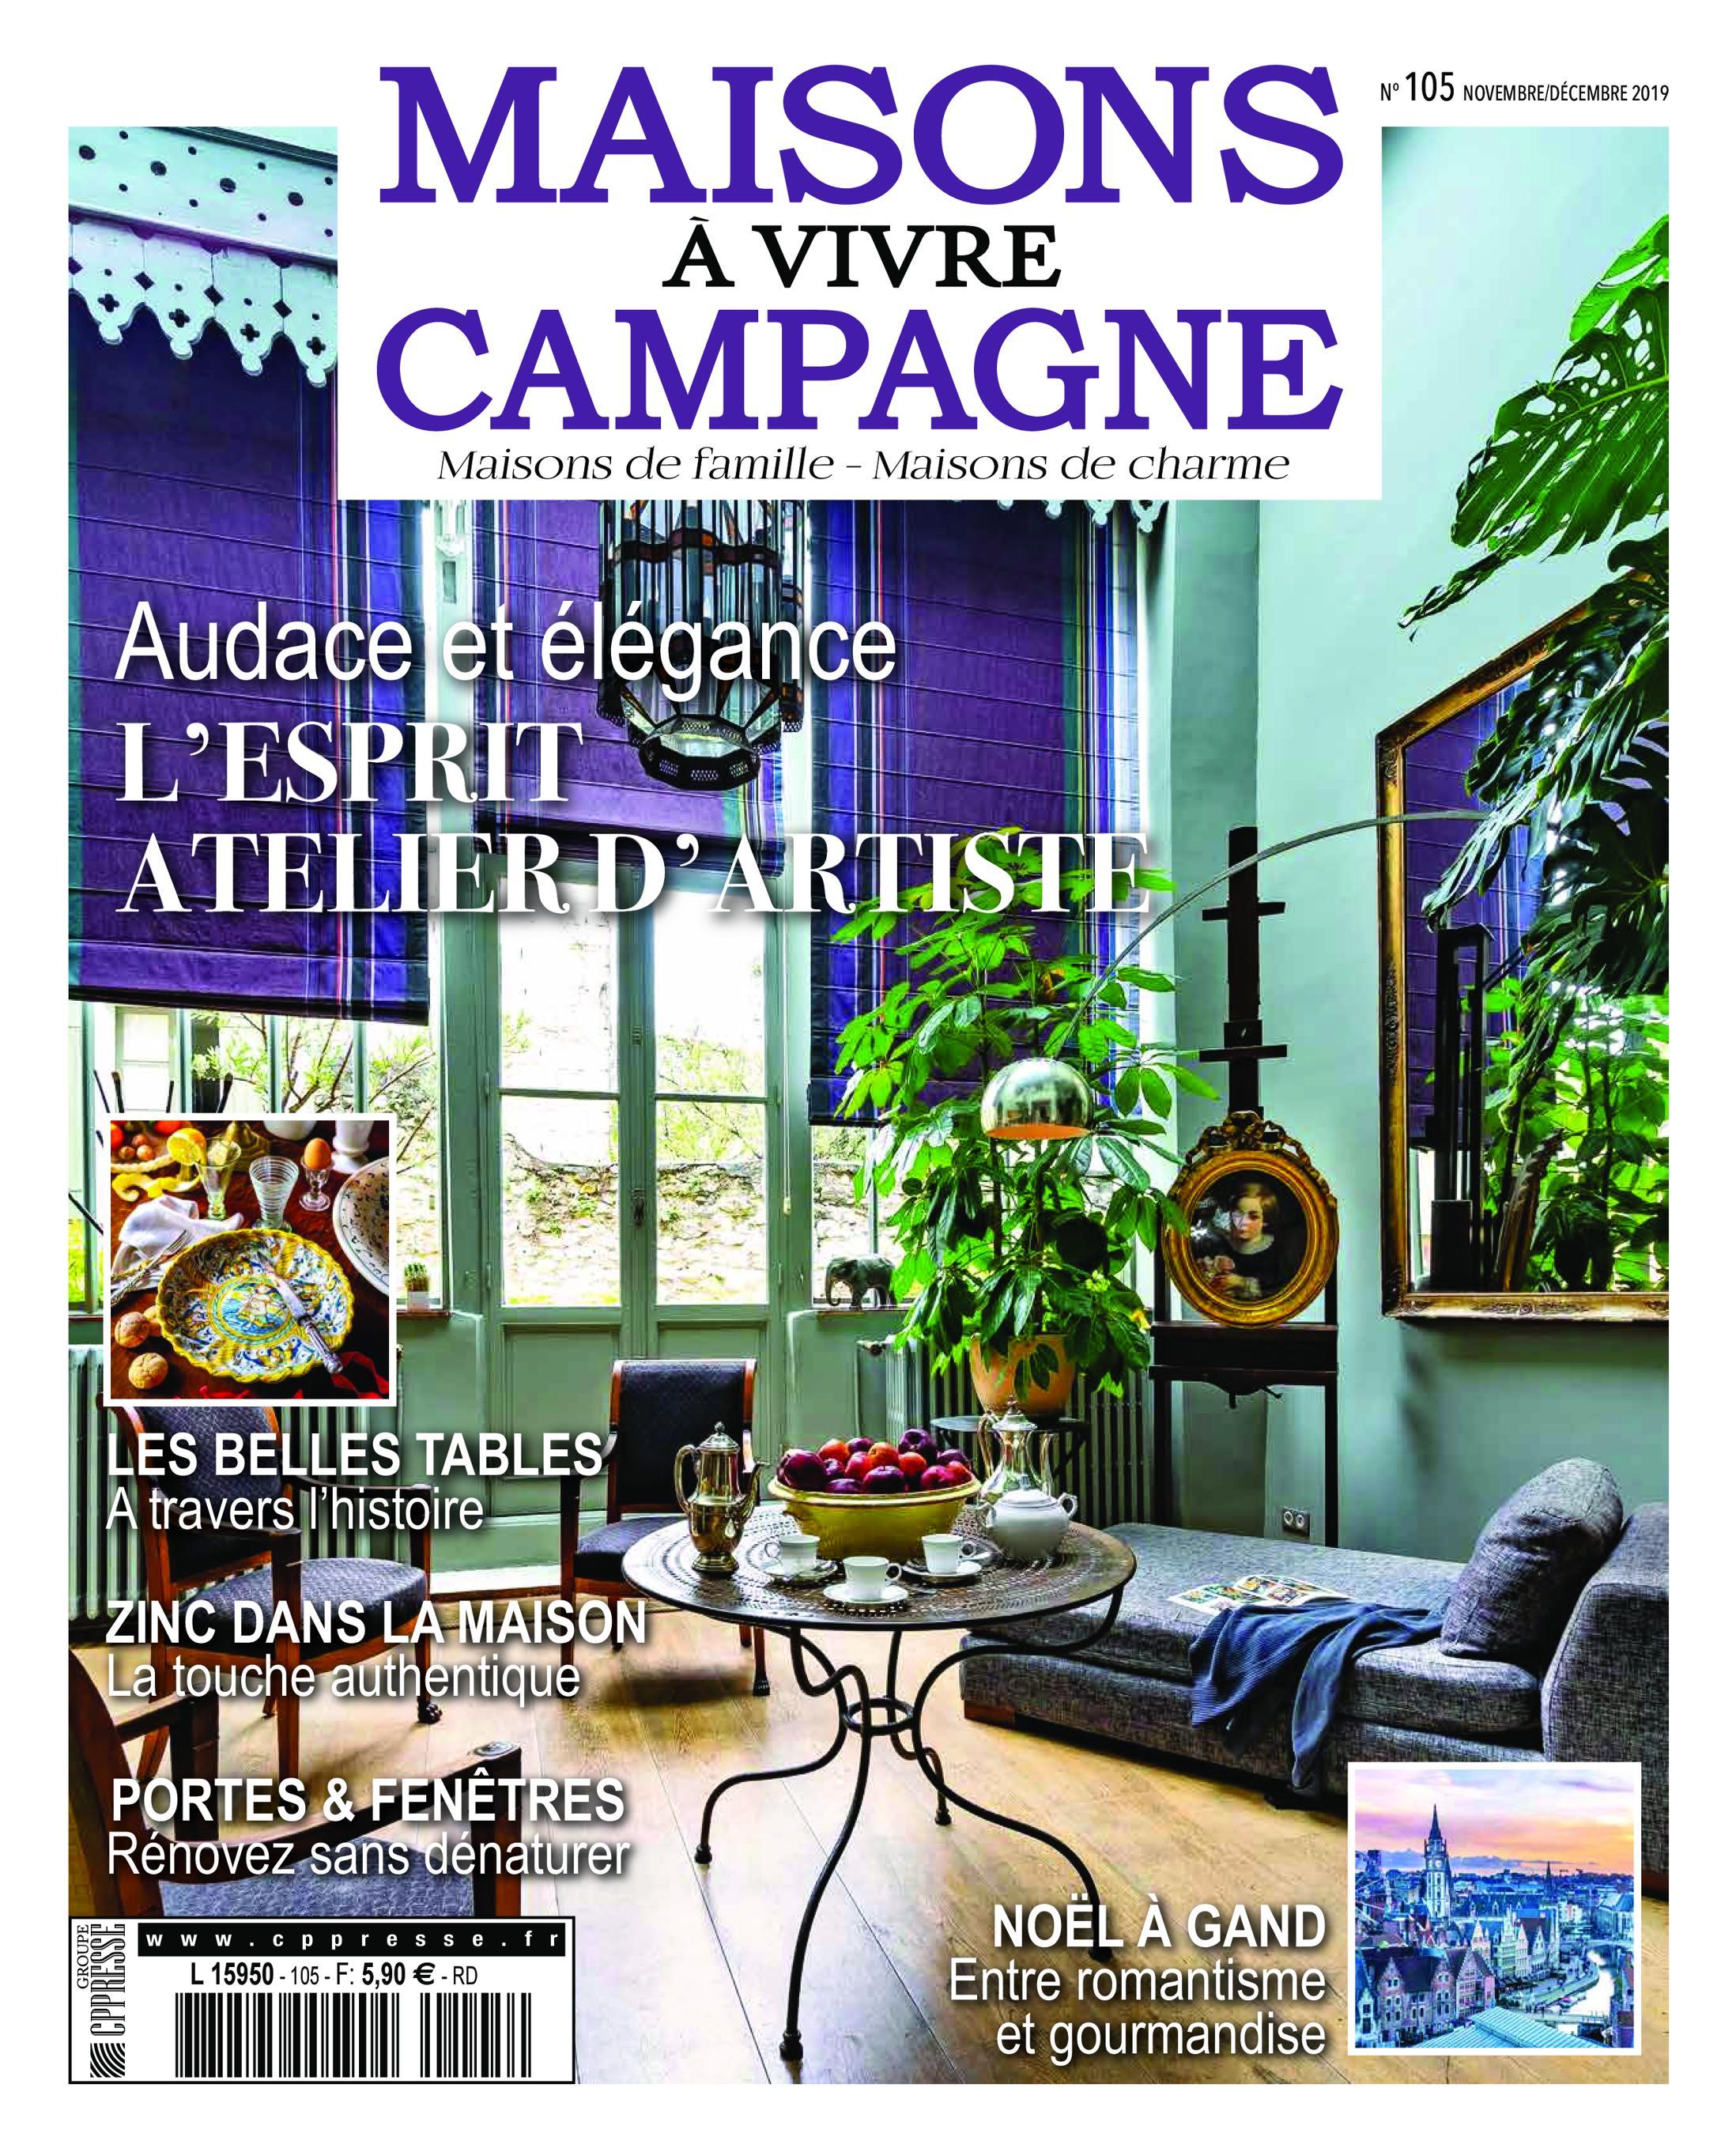 Maison A Vivre Campagne download maisons à vivre campagne - november/décembre 2019